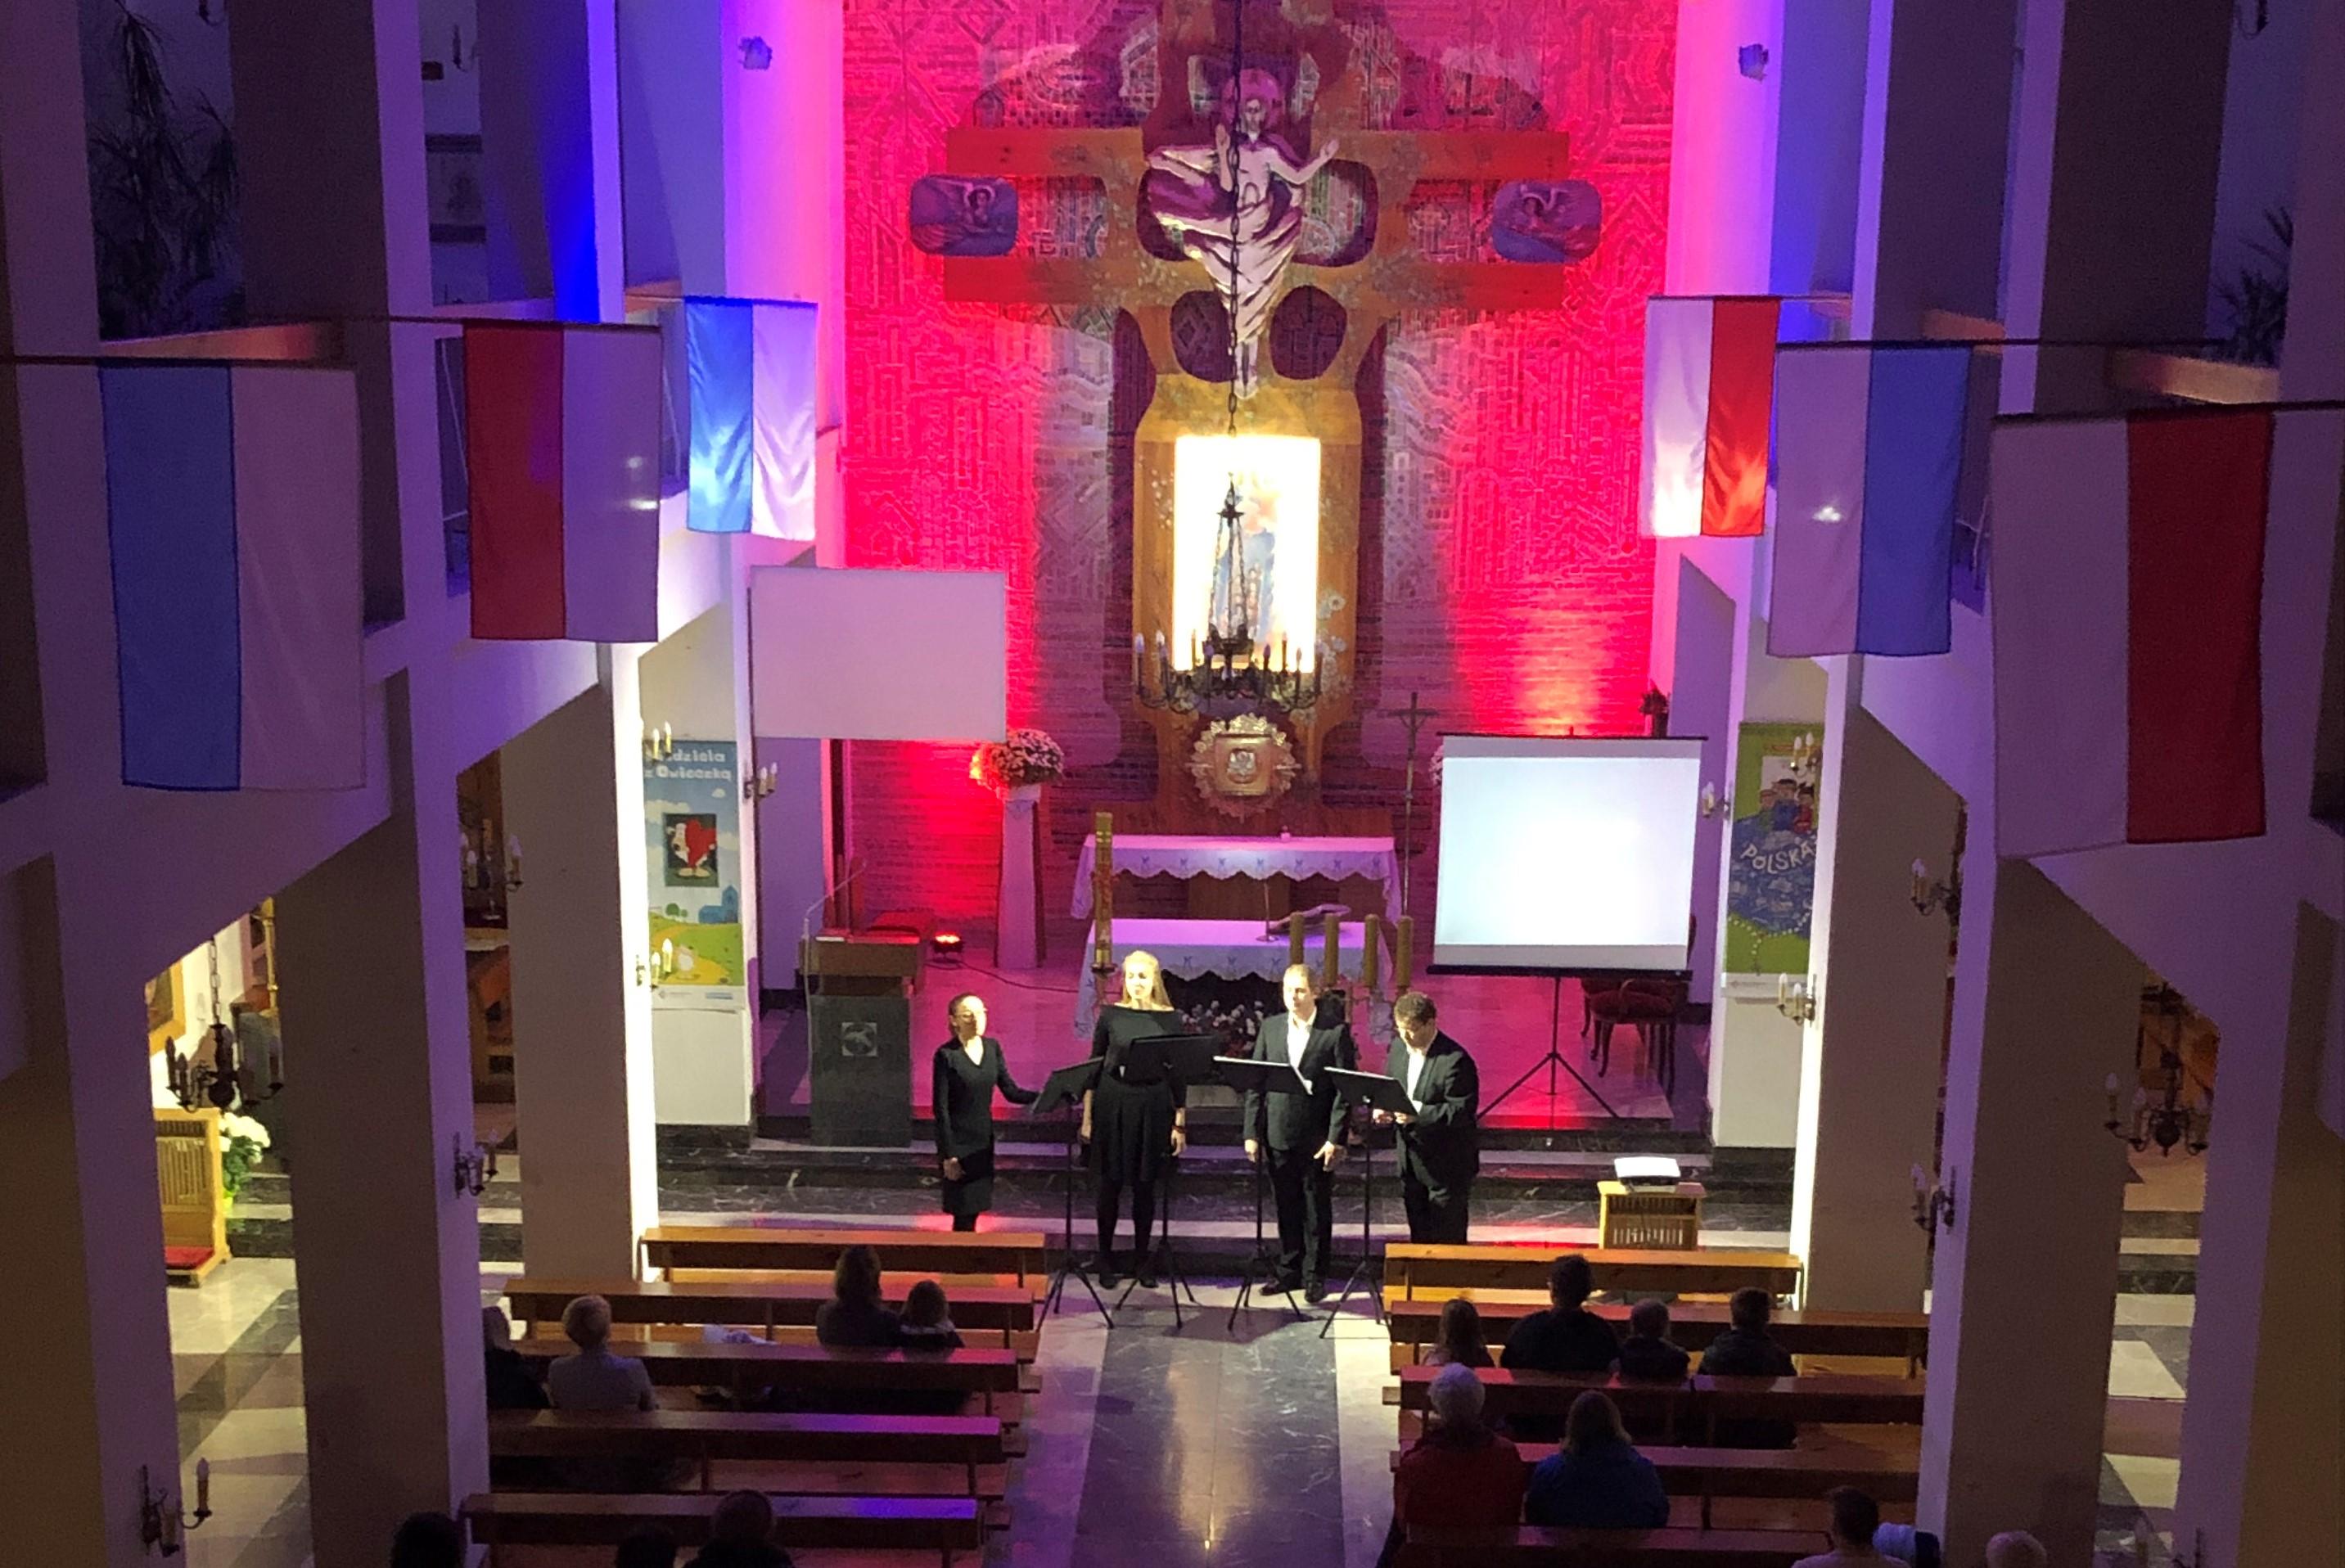 Koncert z okazji 100 rocznicy odzyskania niepodległości